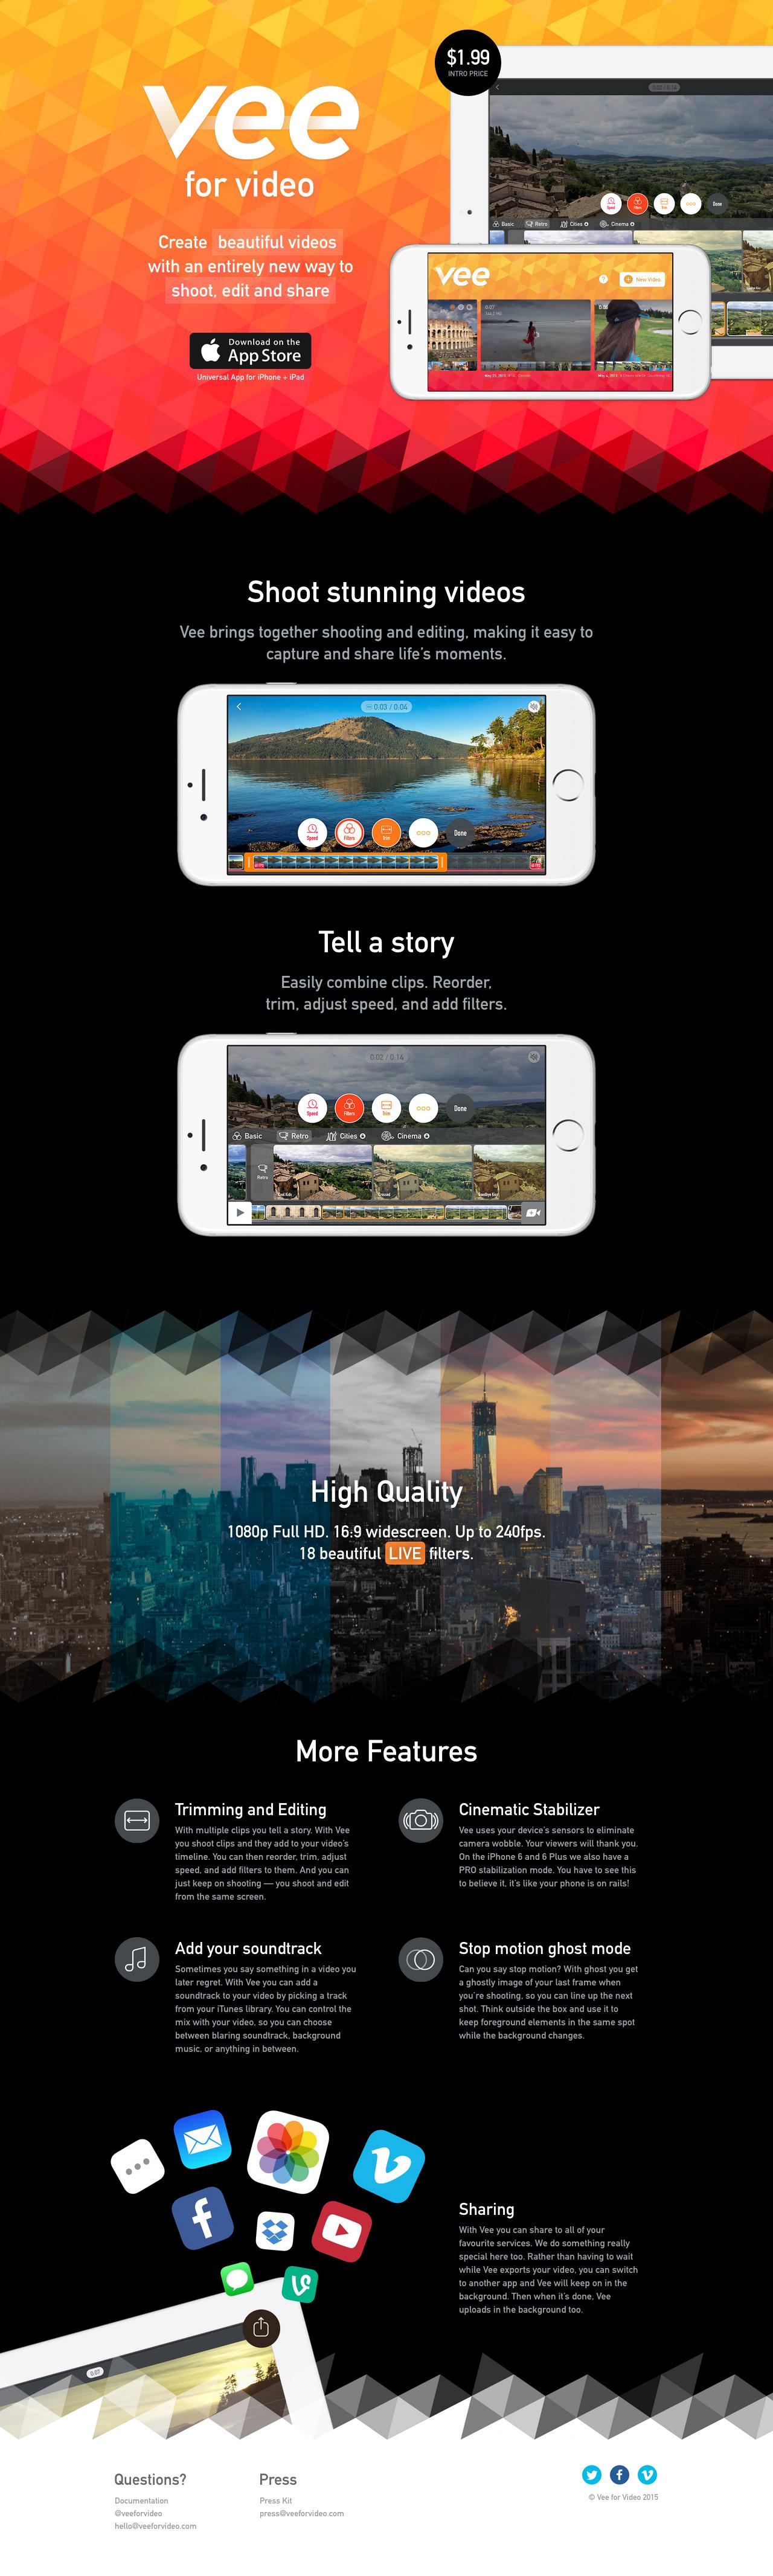 Vee for Video Big Screenshot